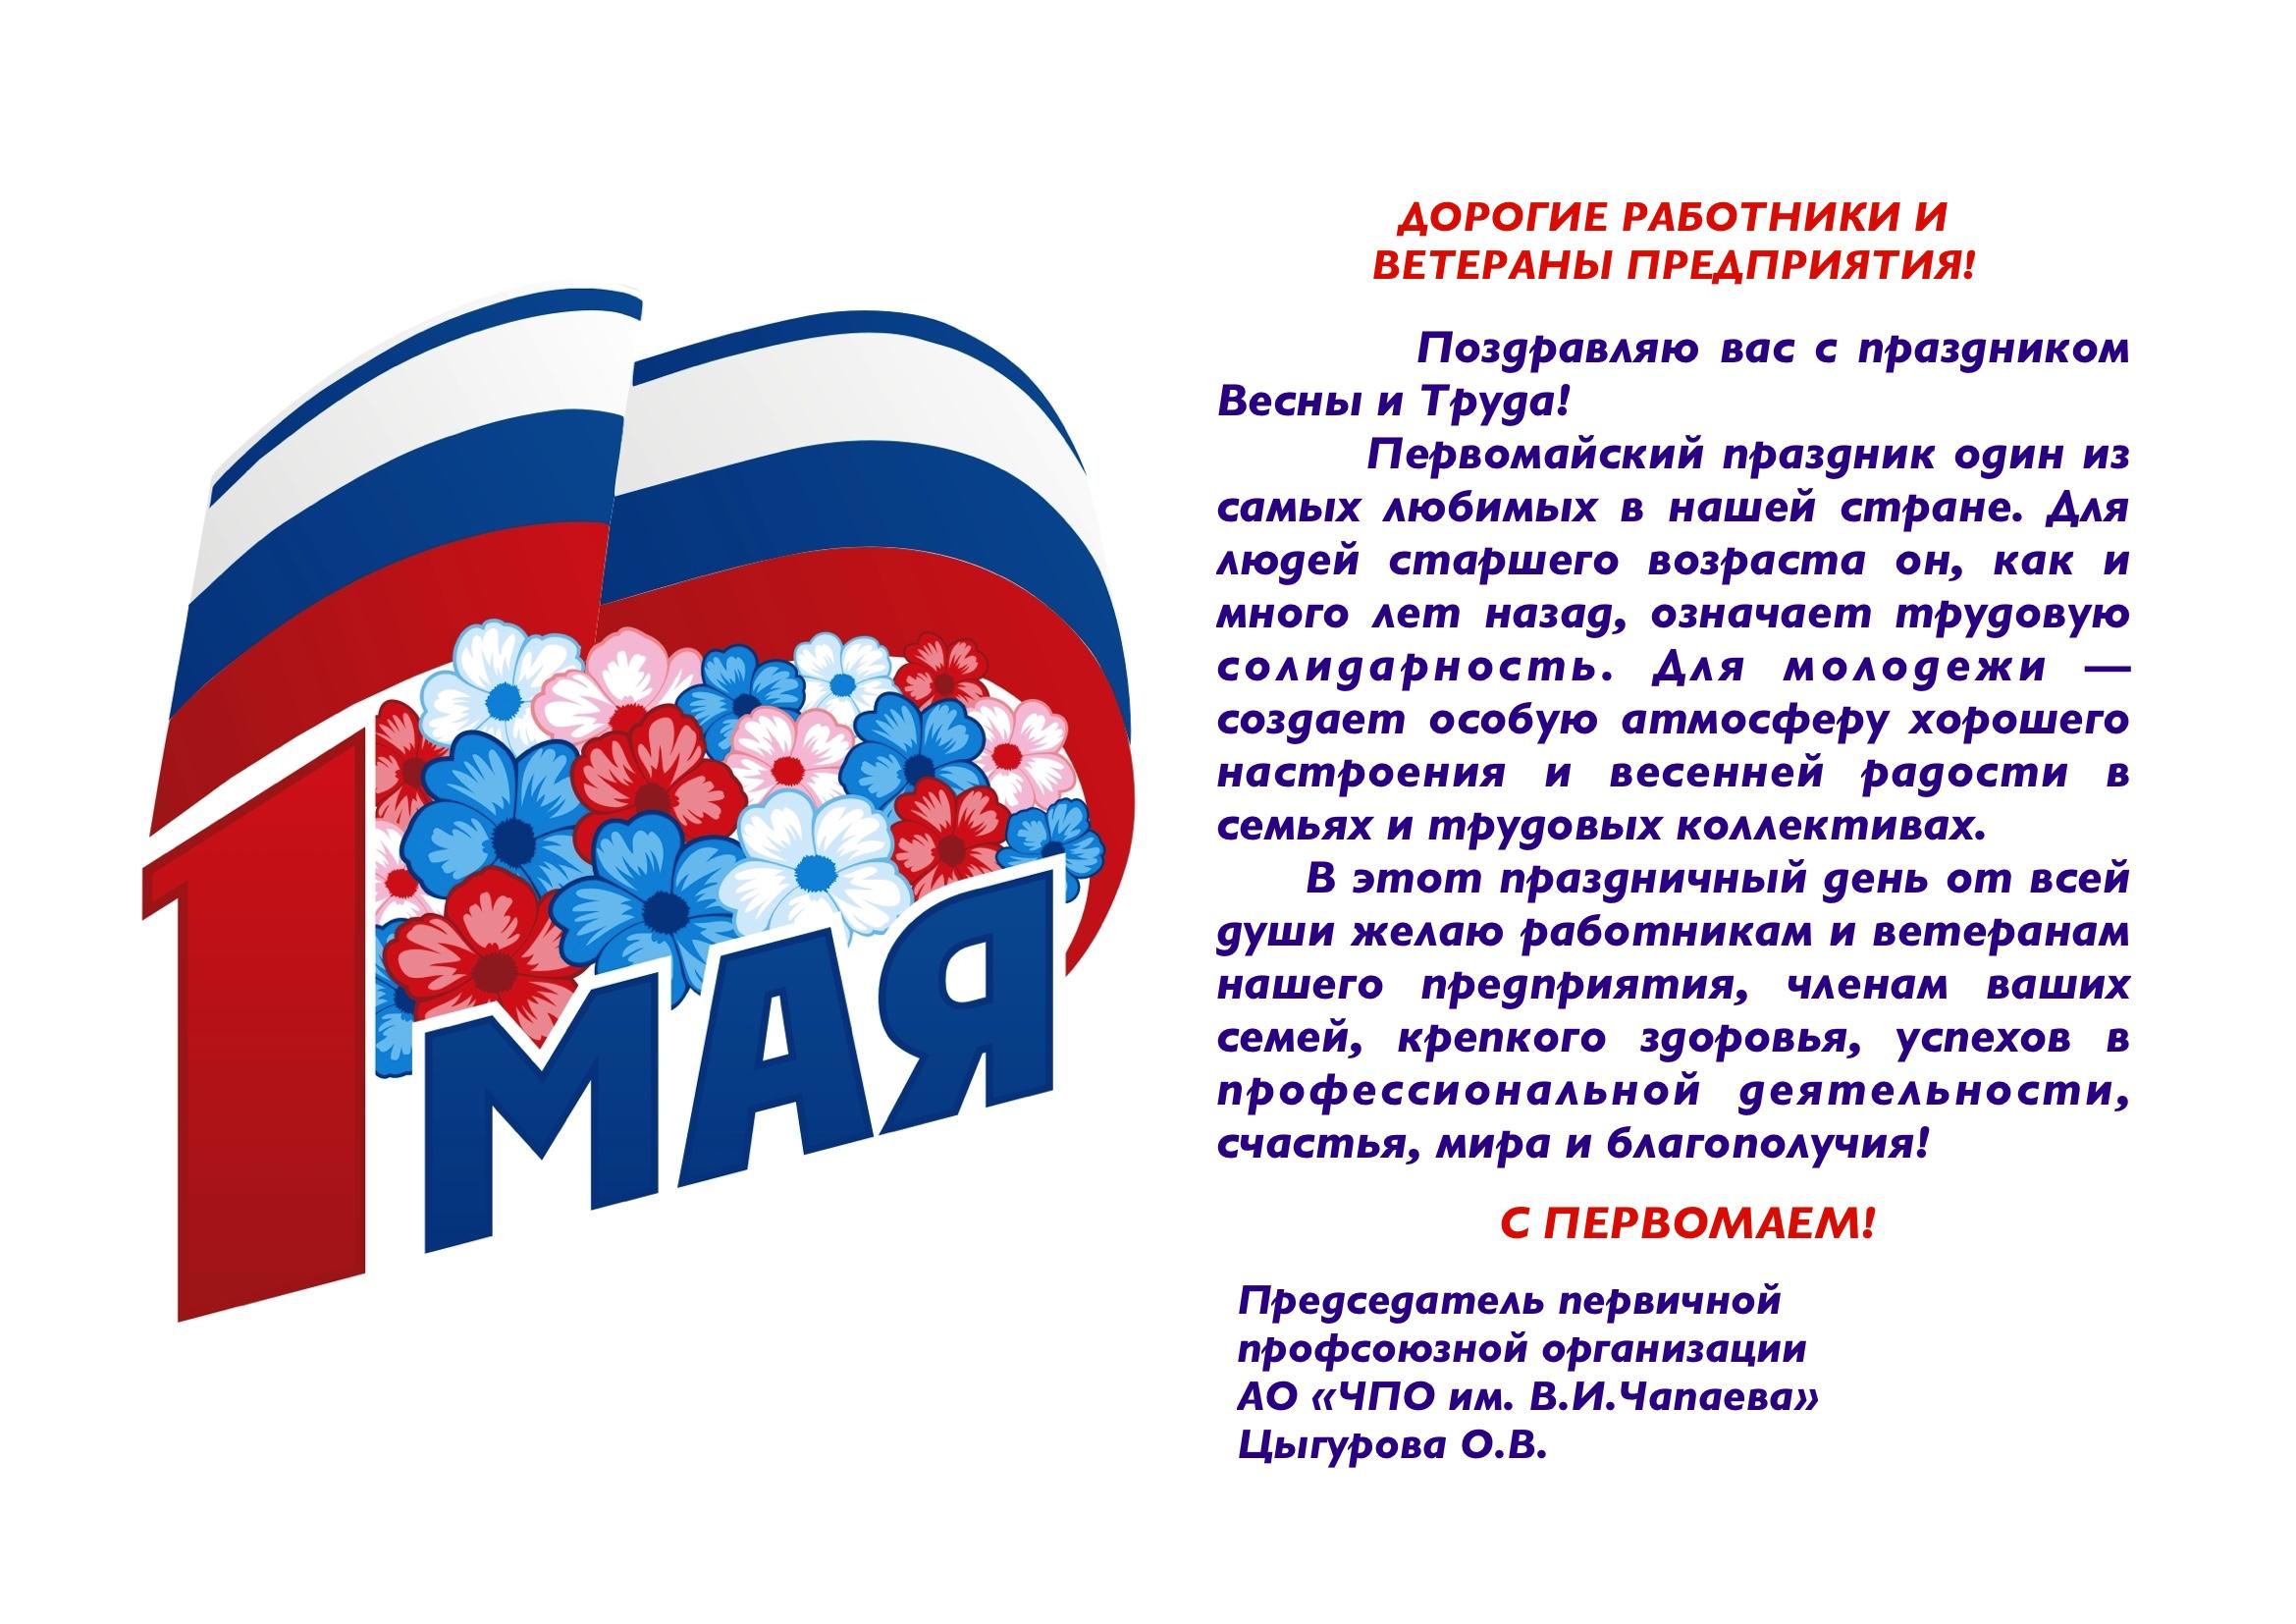 Поздравление профсоюзной организации